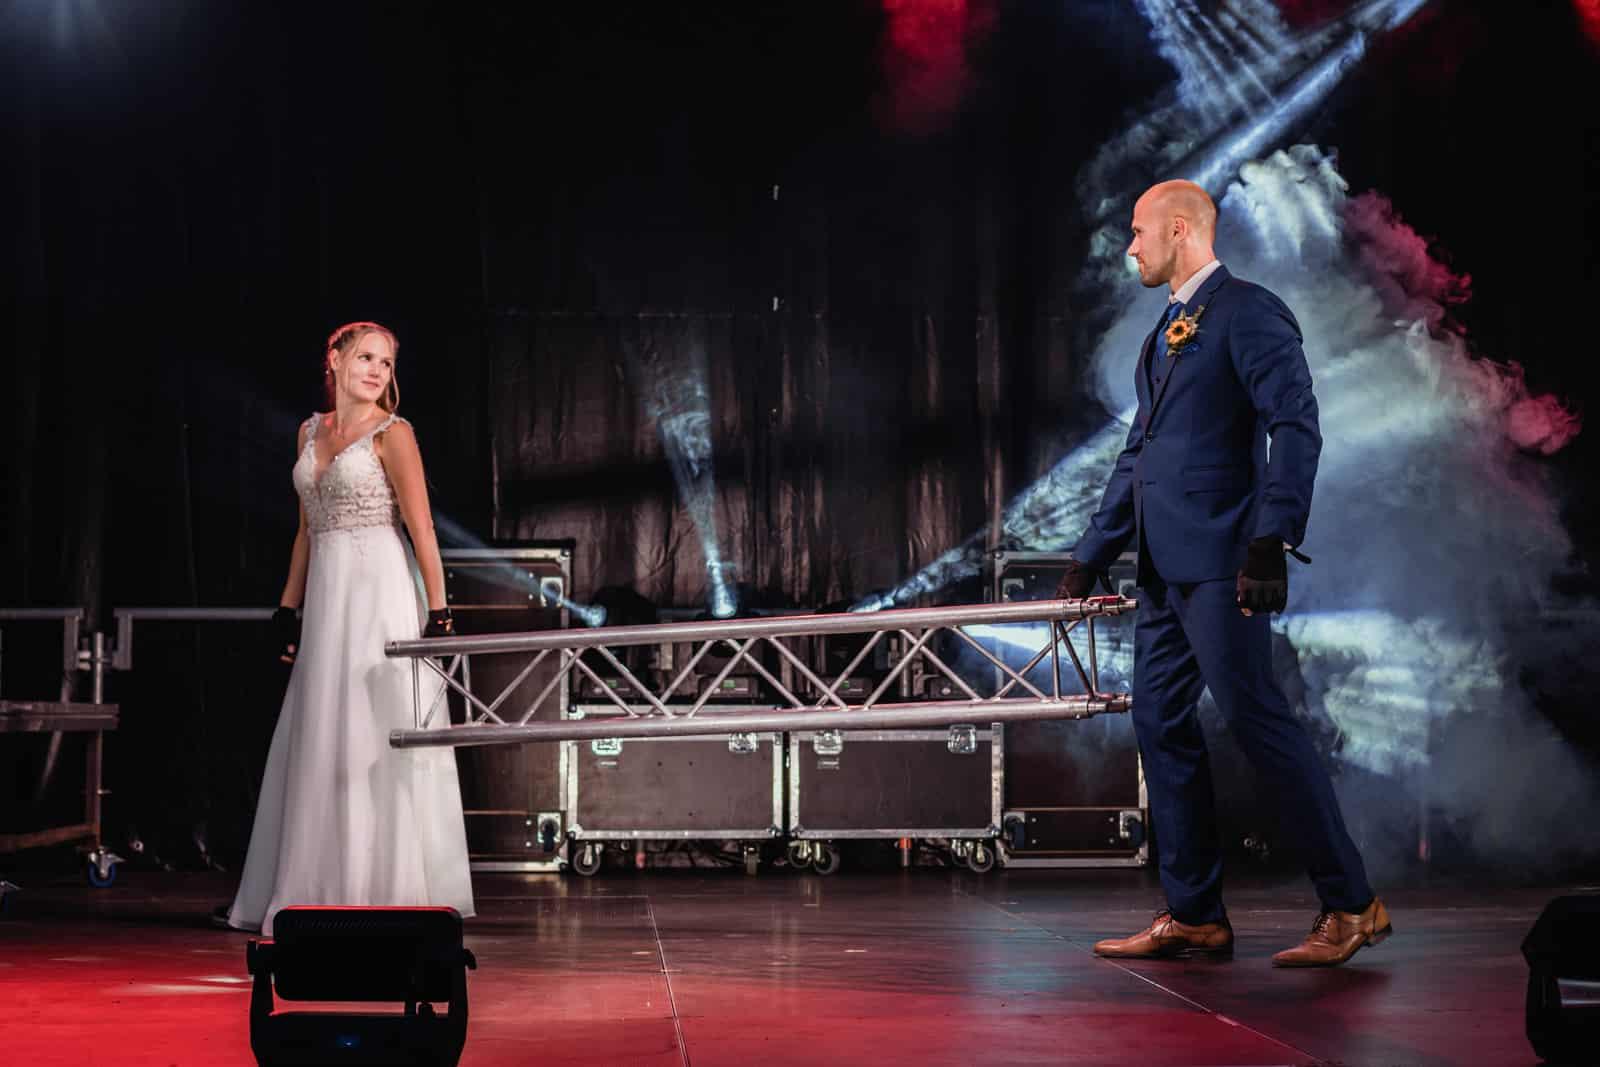 Brautpaar steht auf Bühne und hält Traverse in Hand und schaut sich an.